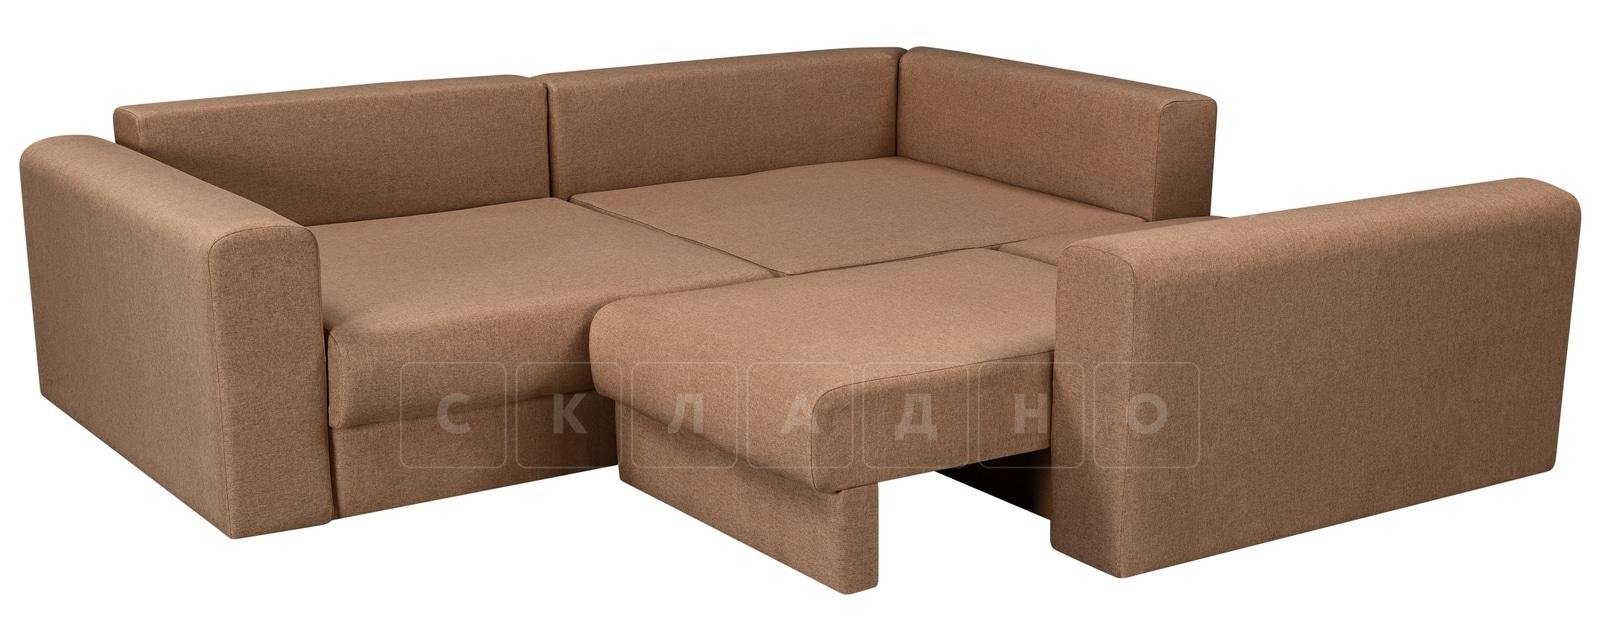 Угловой диван Медисон коричневый 244х224 см фото 4 | интернет-магазин Складно